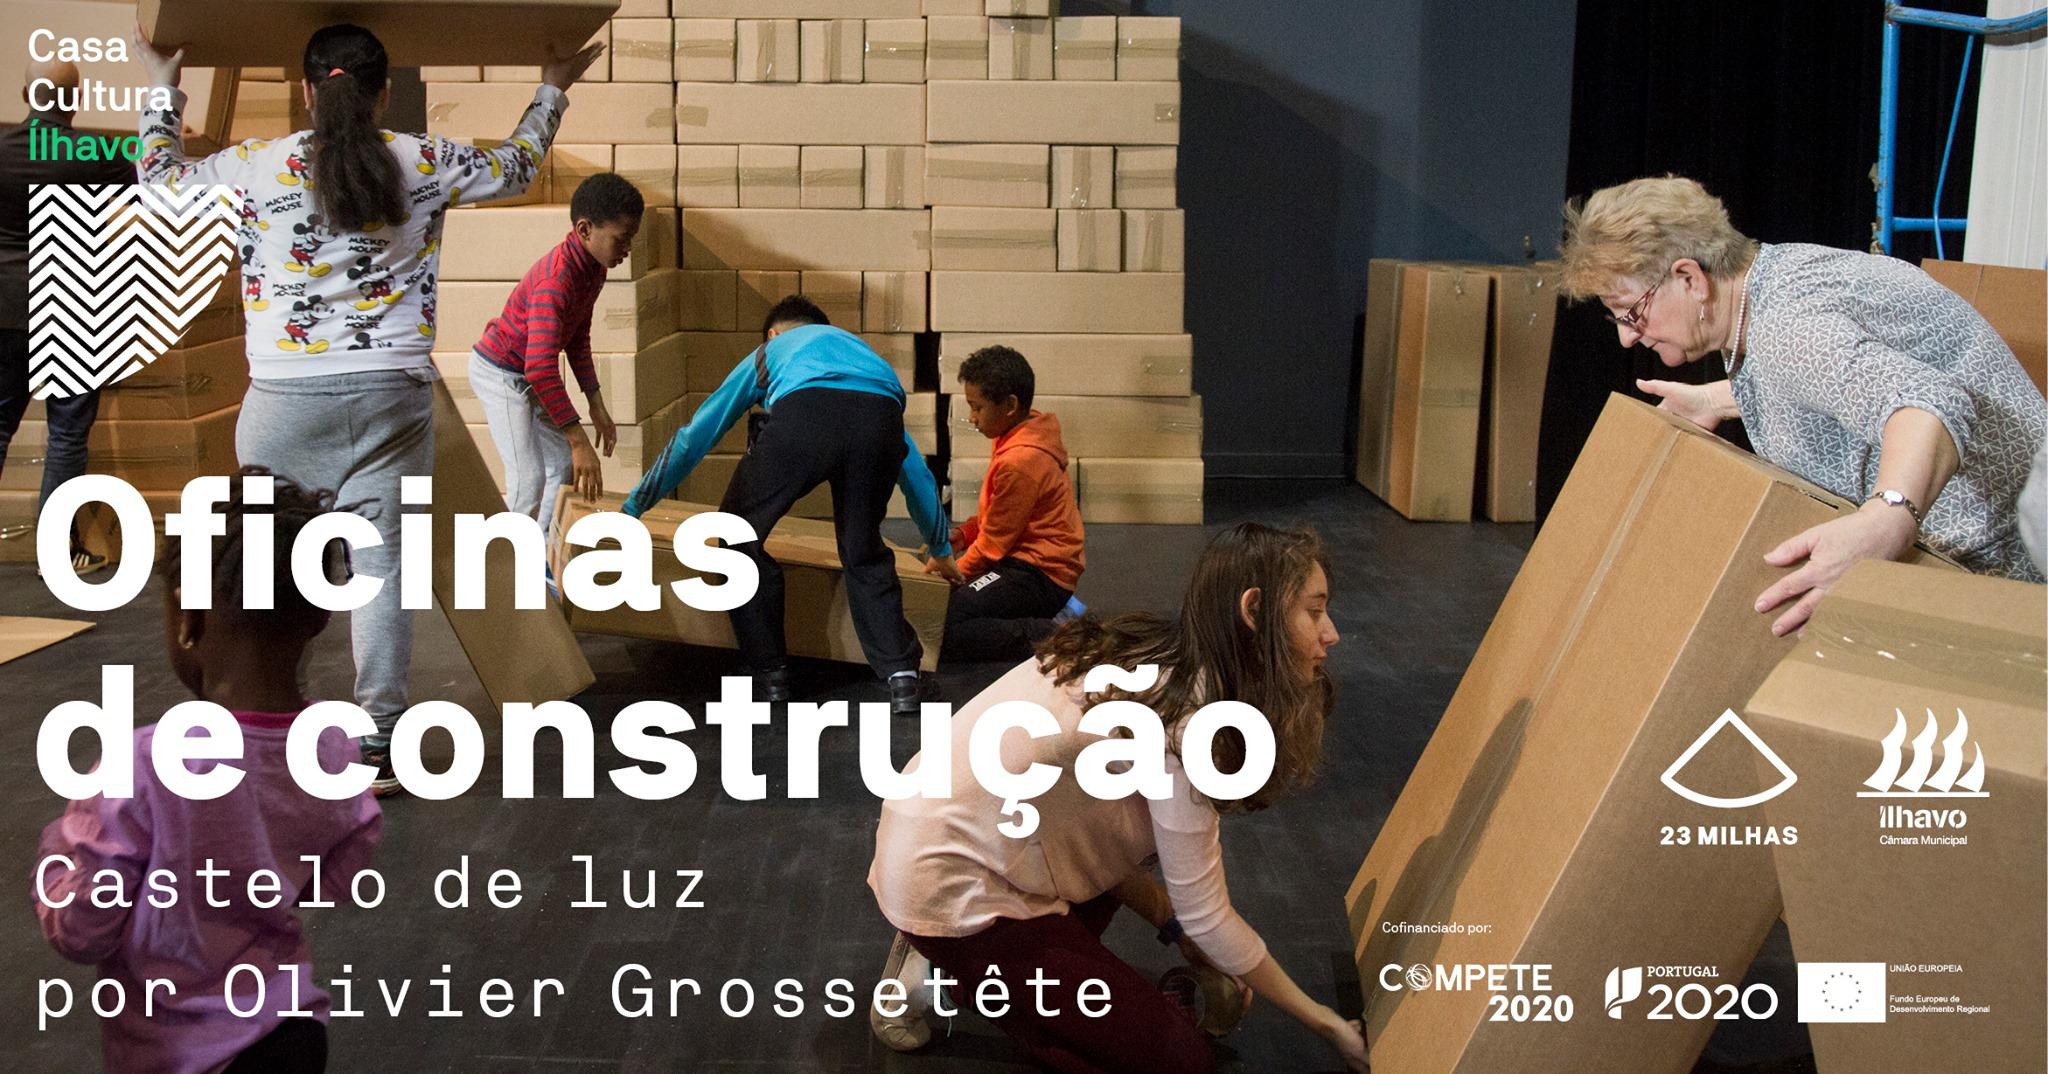 OFICINAS DE CONSTRUÇÃO   CASTELO DE LUZ   Ílhavo